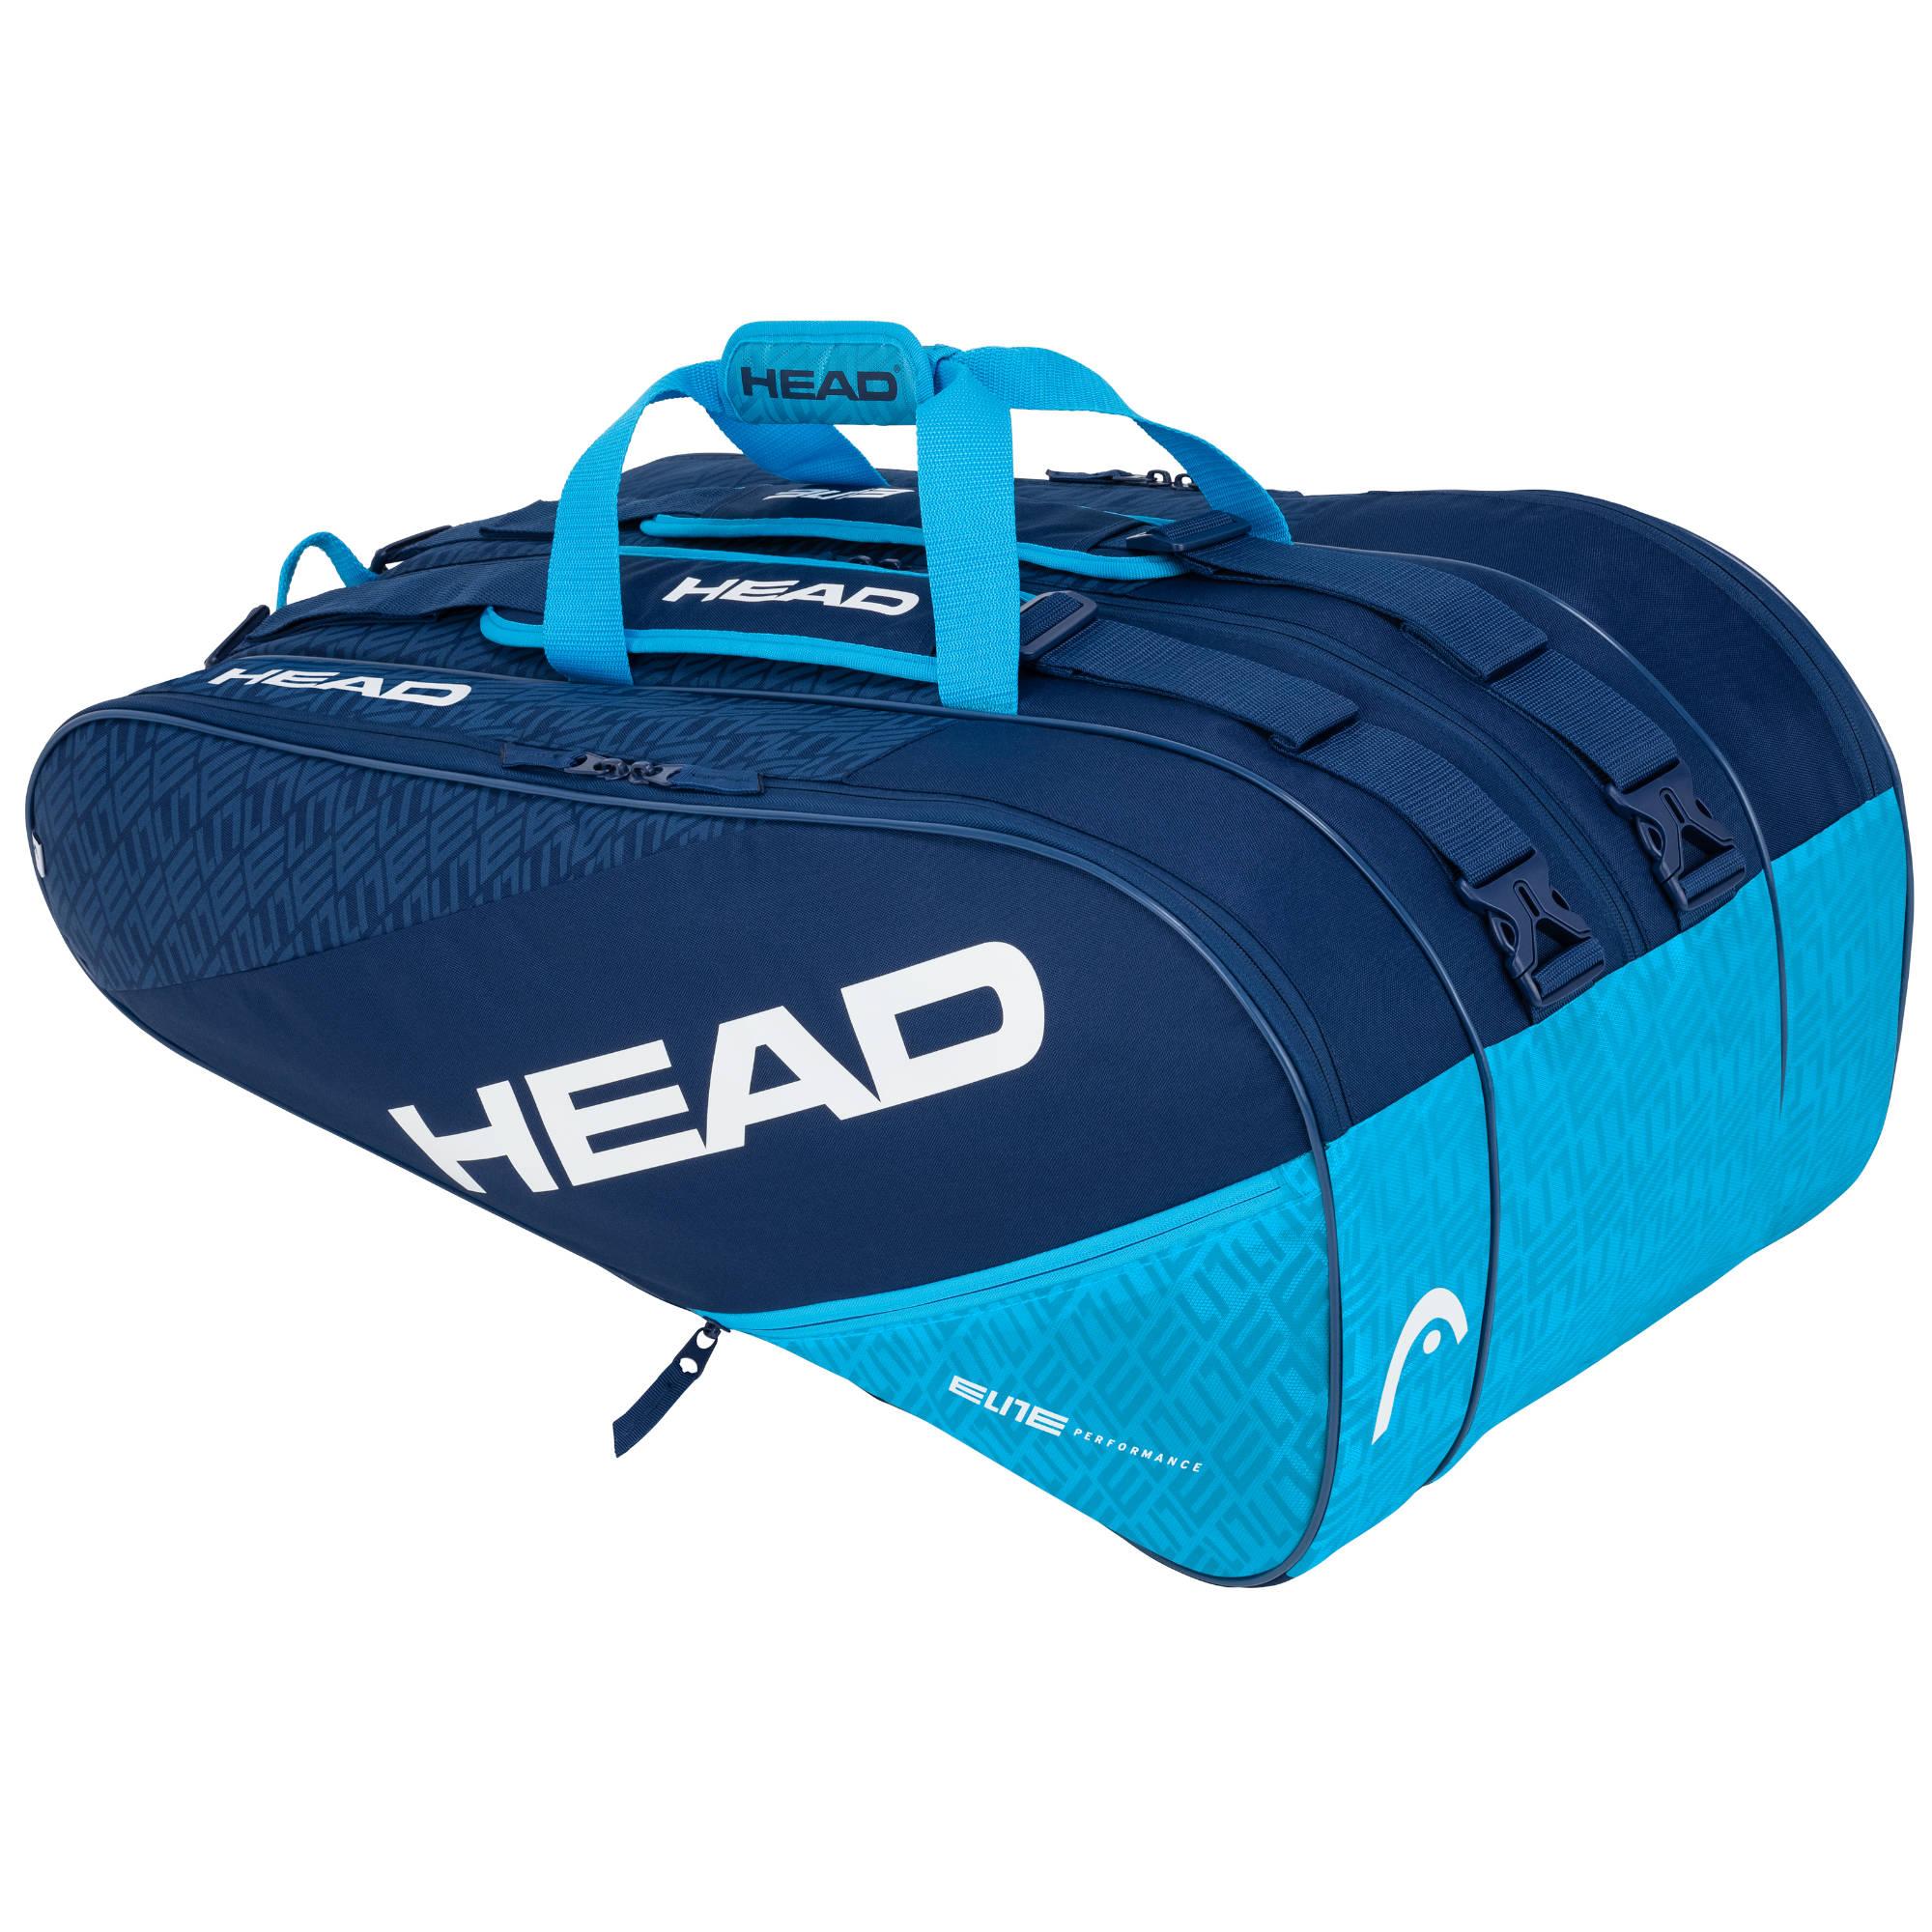 Head Elite Monstercombi 12R Racket Bag - Navy/Blue